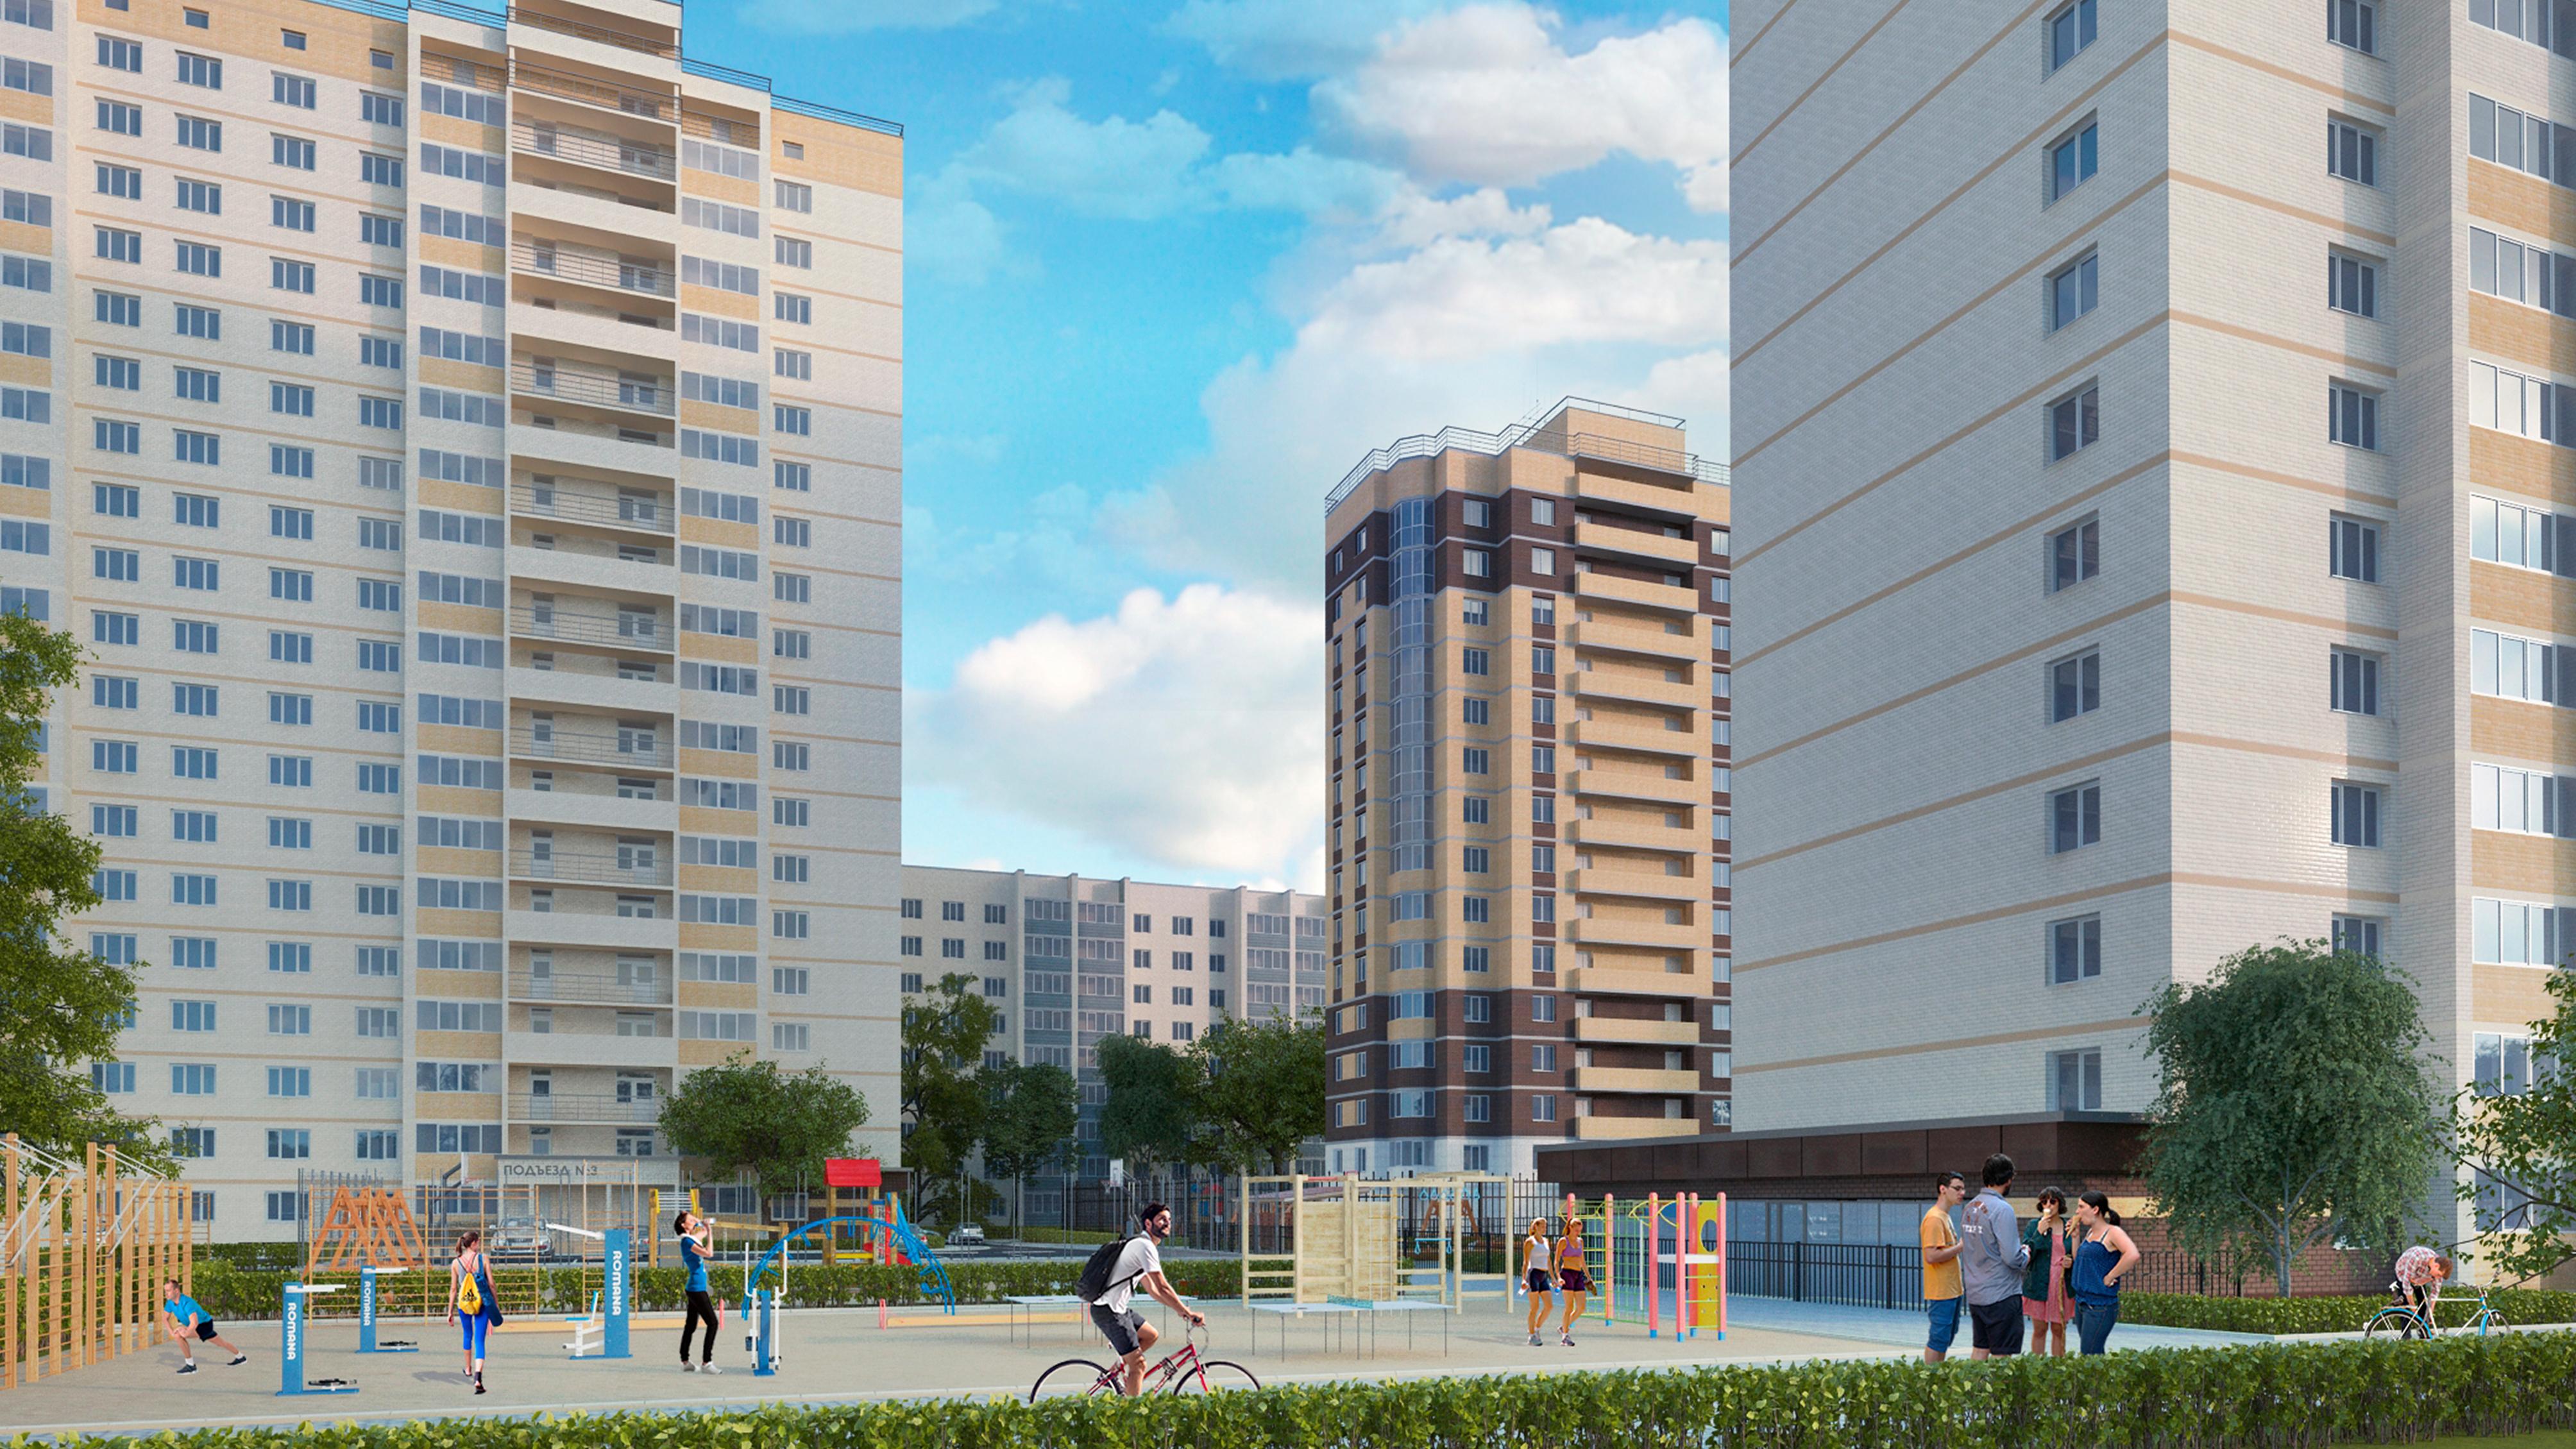 В Воронеже показали проект застройки квартала в Коминтерновском районе